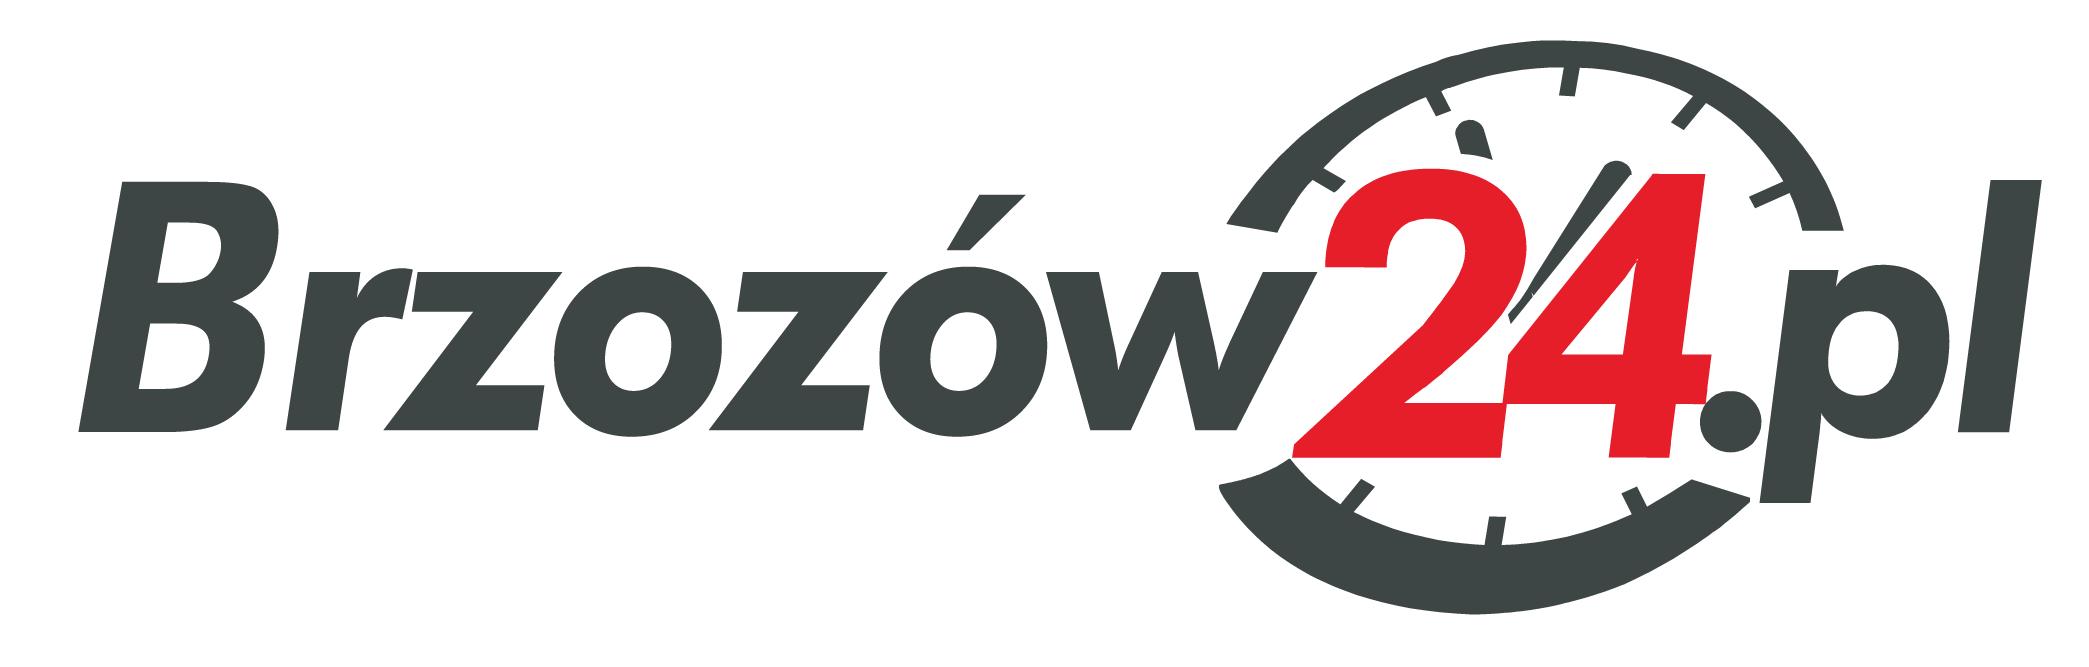 brzozów24D